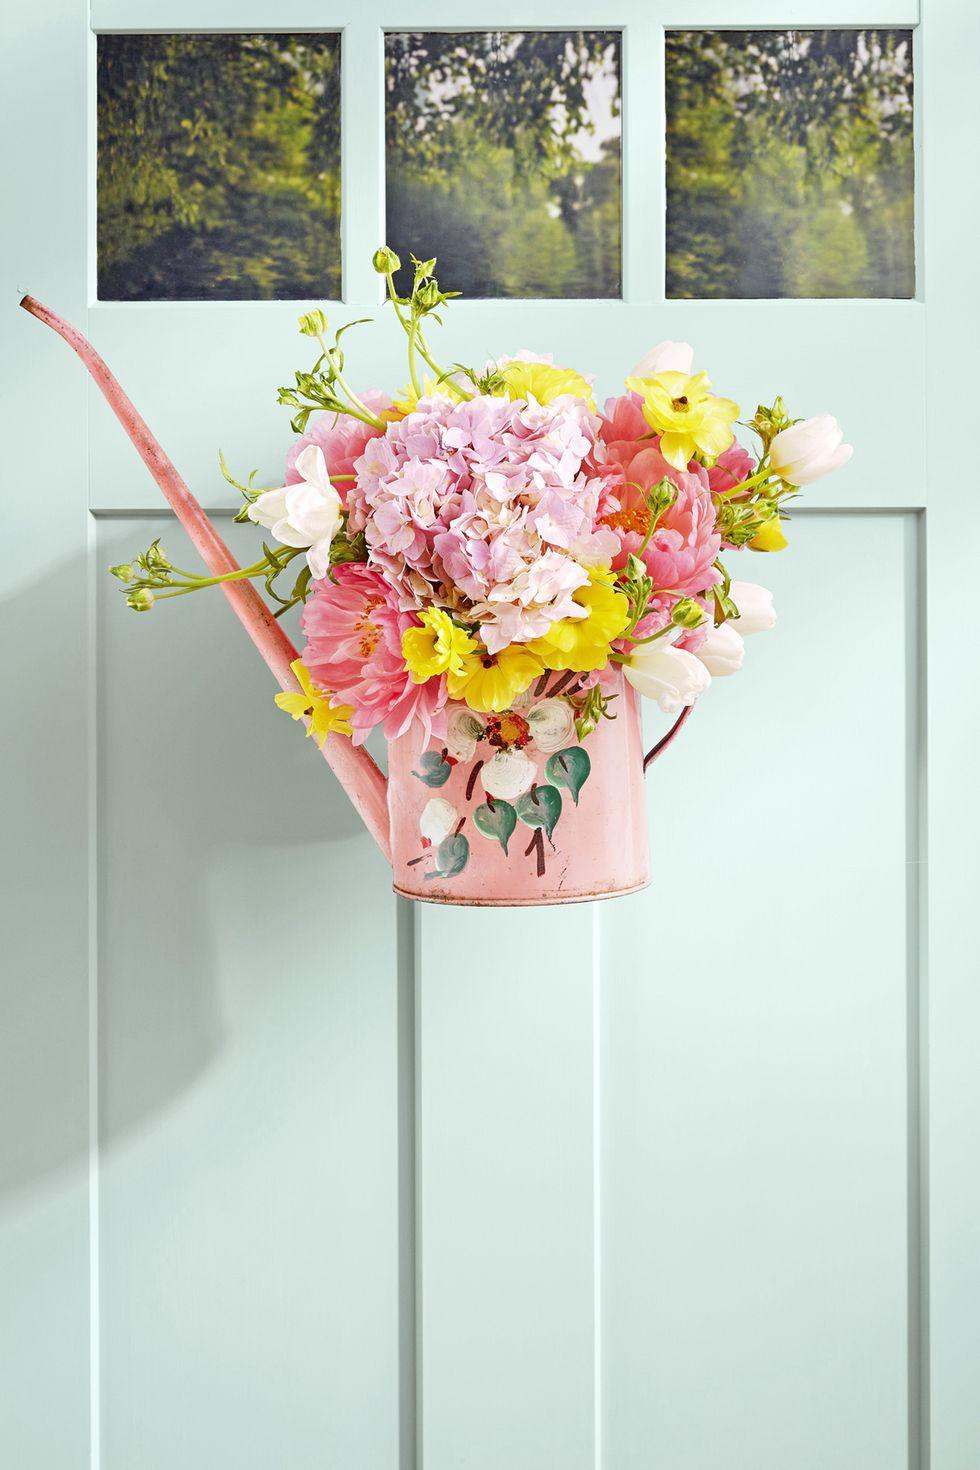 9 cách tận dụng đồ cũ làm hoa treo vừa xinh đẹp vừa tiết kiệm để trang trí trước cửa nhà   - Ảnh 3.